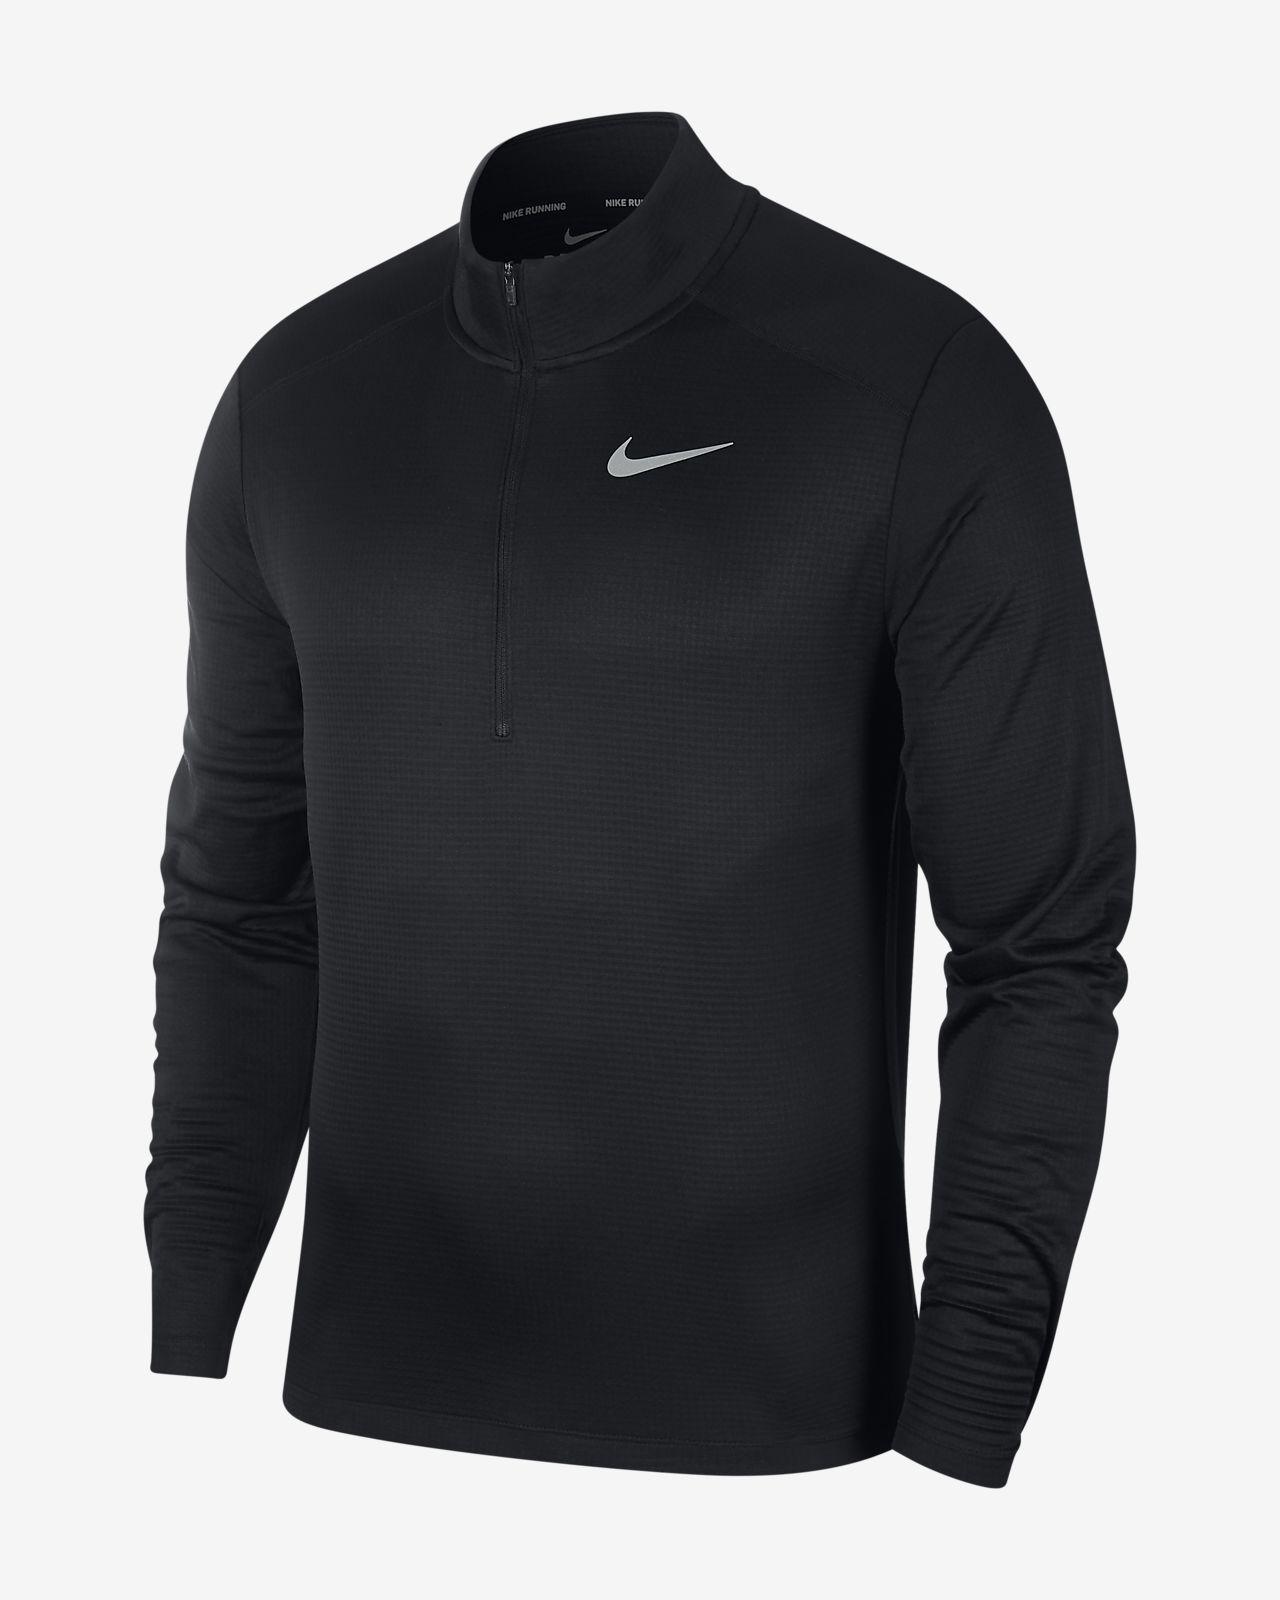 Męska koszulka do biegania z zamkiem 1/2 Nike Pacer